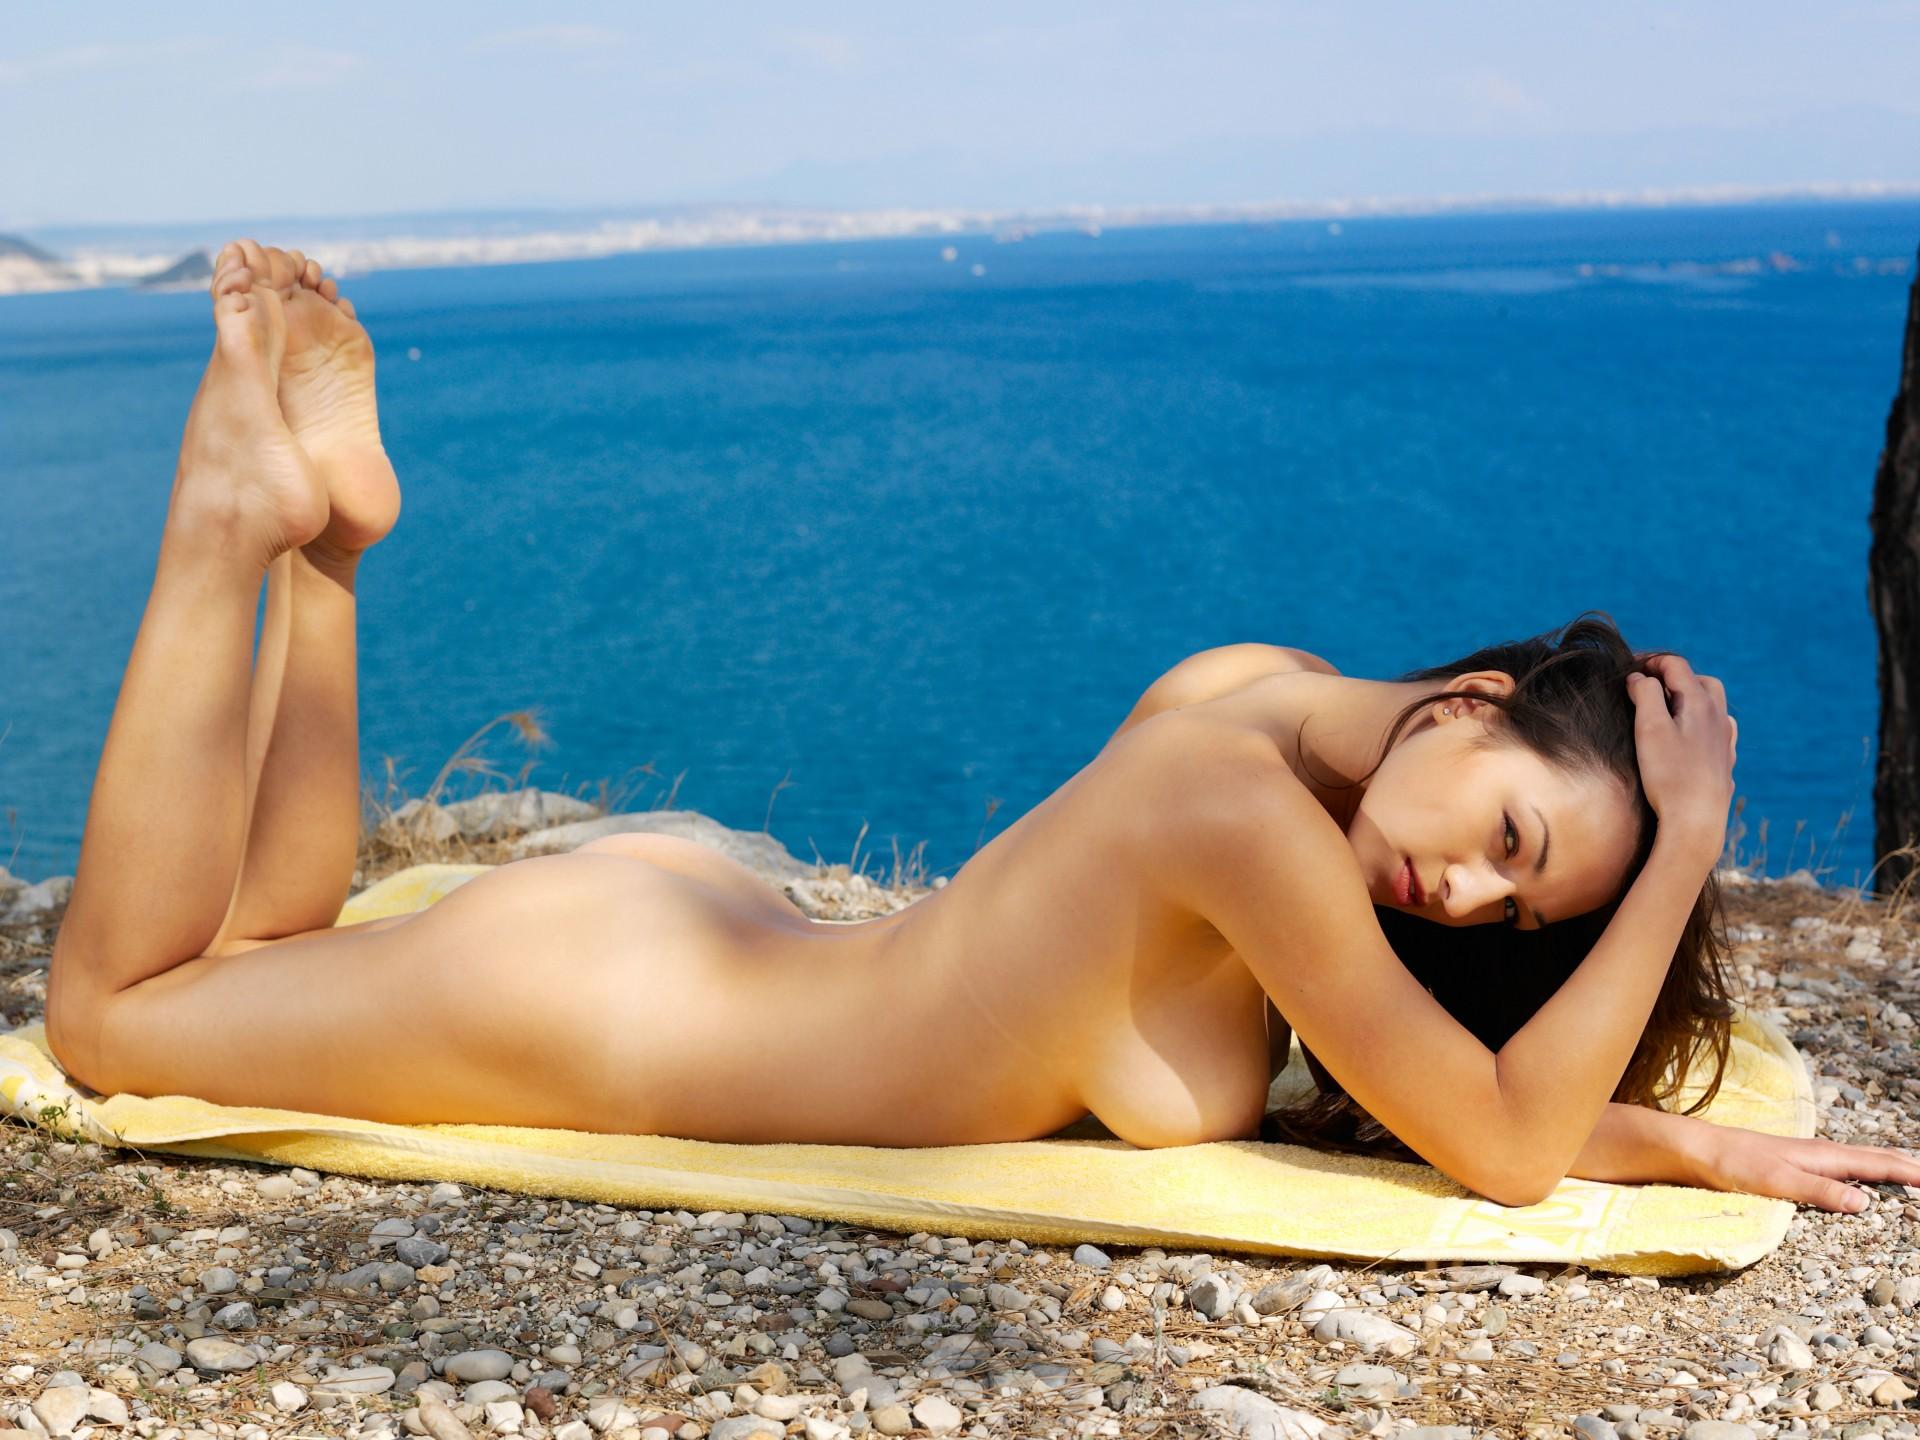 эротика из пляжа девушка полностью открывает